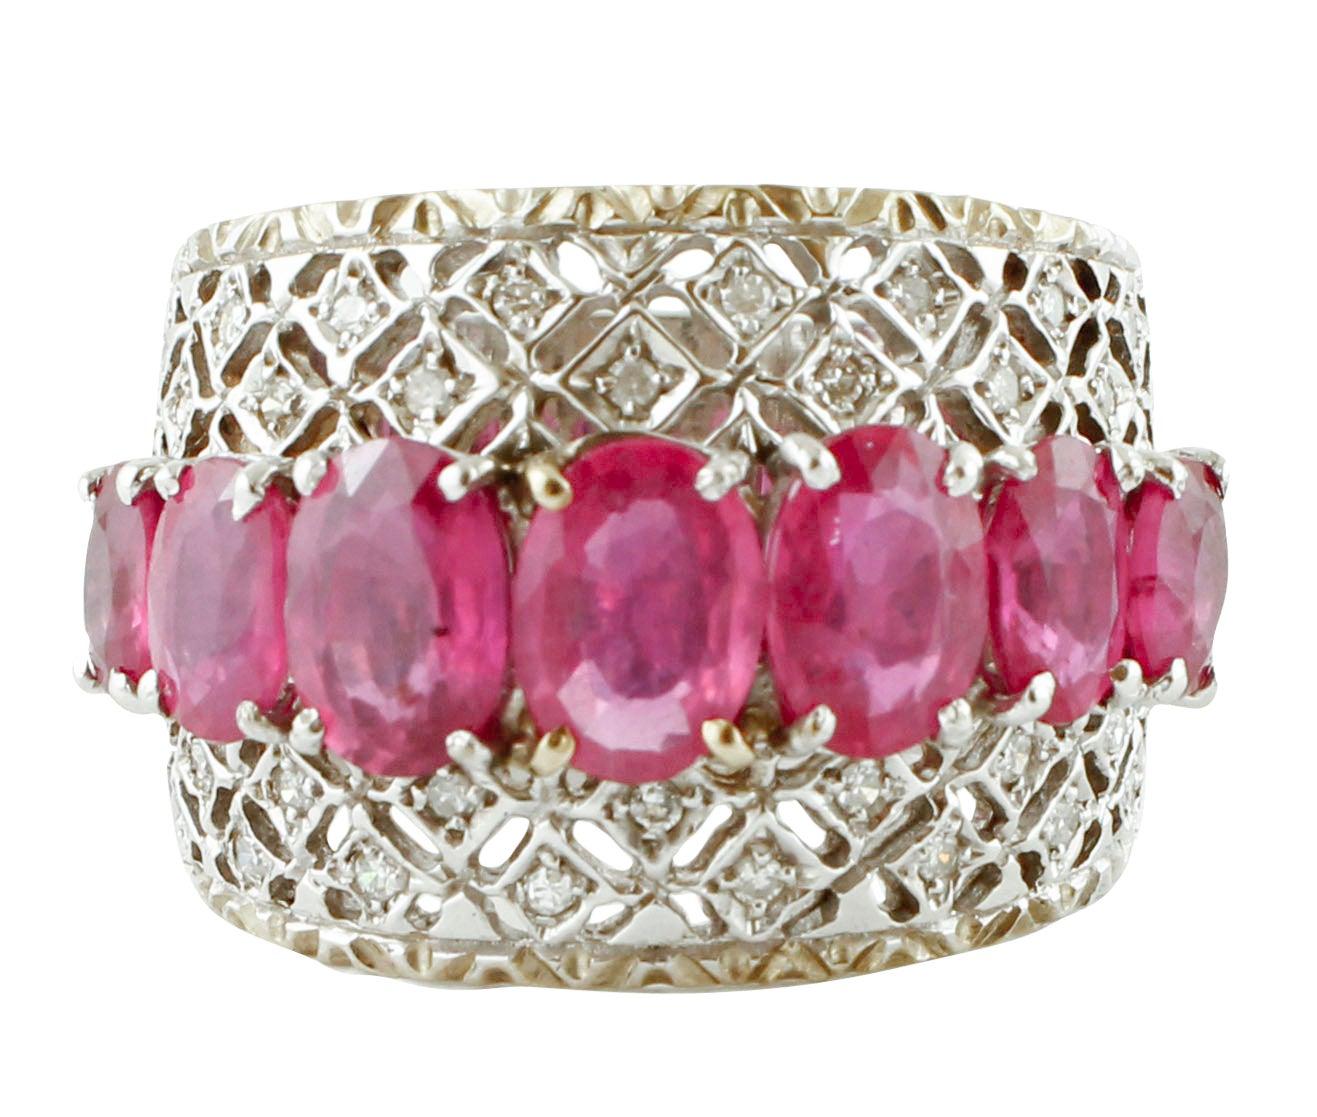 Diamonds, Rubies, 14 Karat White Gold Band Ring